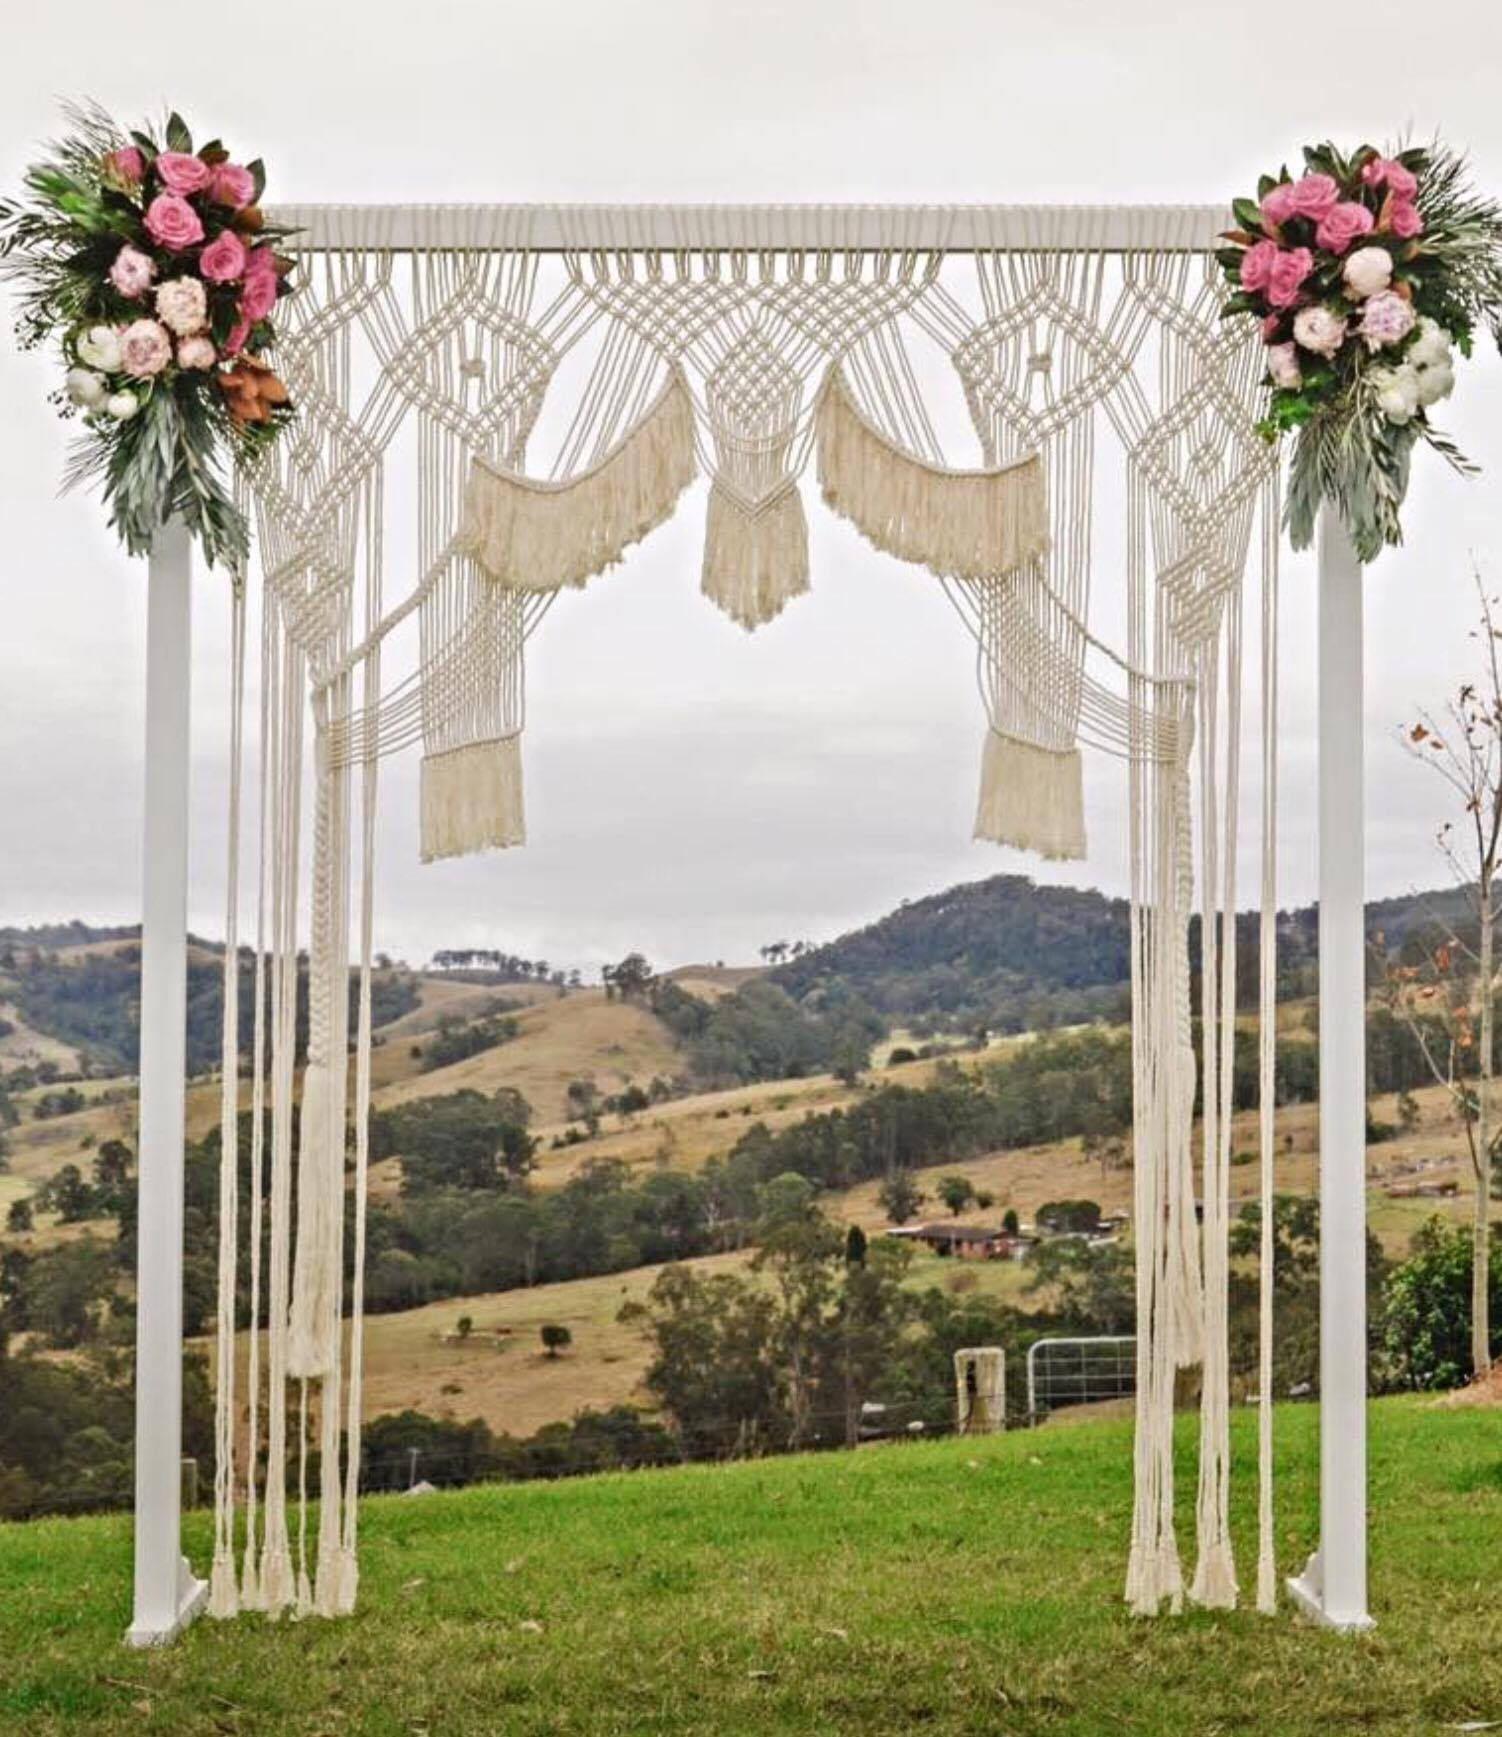 Pin by Samantha O'Brien on 6/20/20 Wedding arch rustic